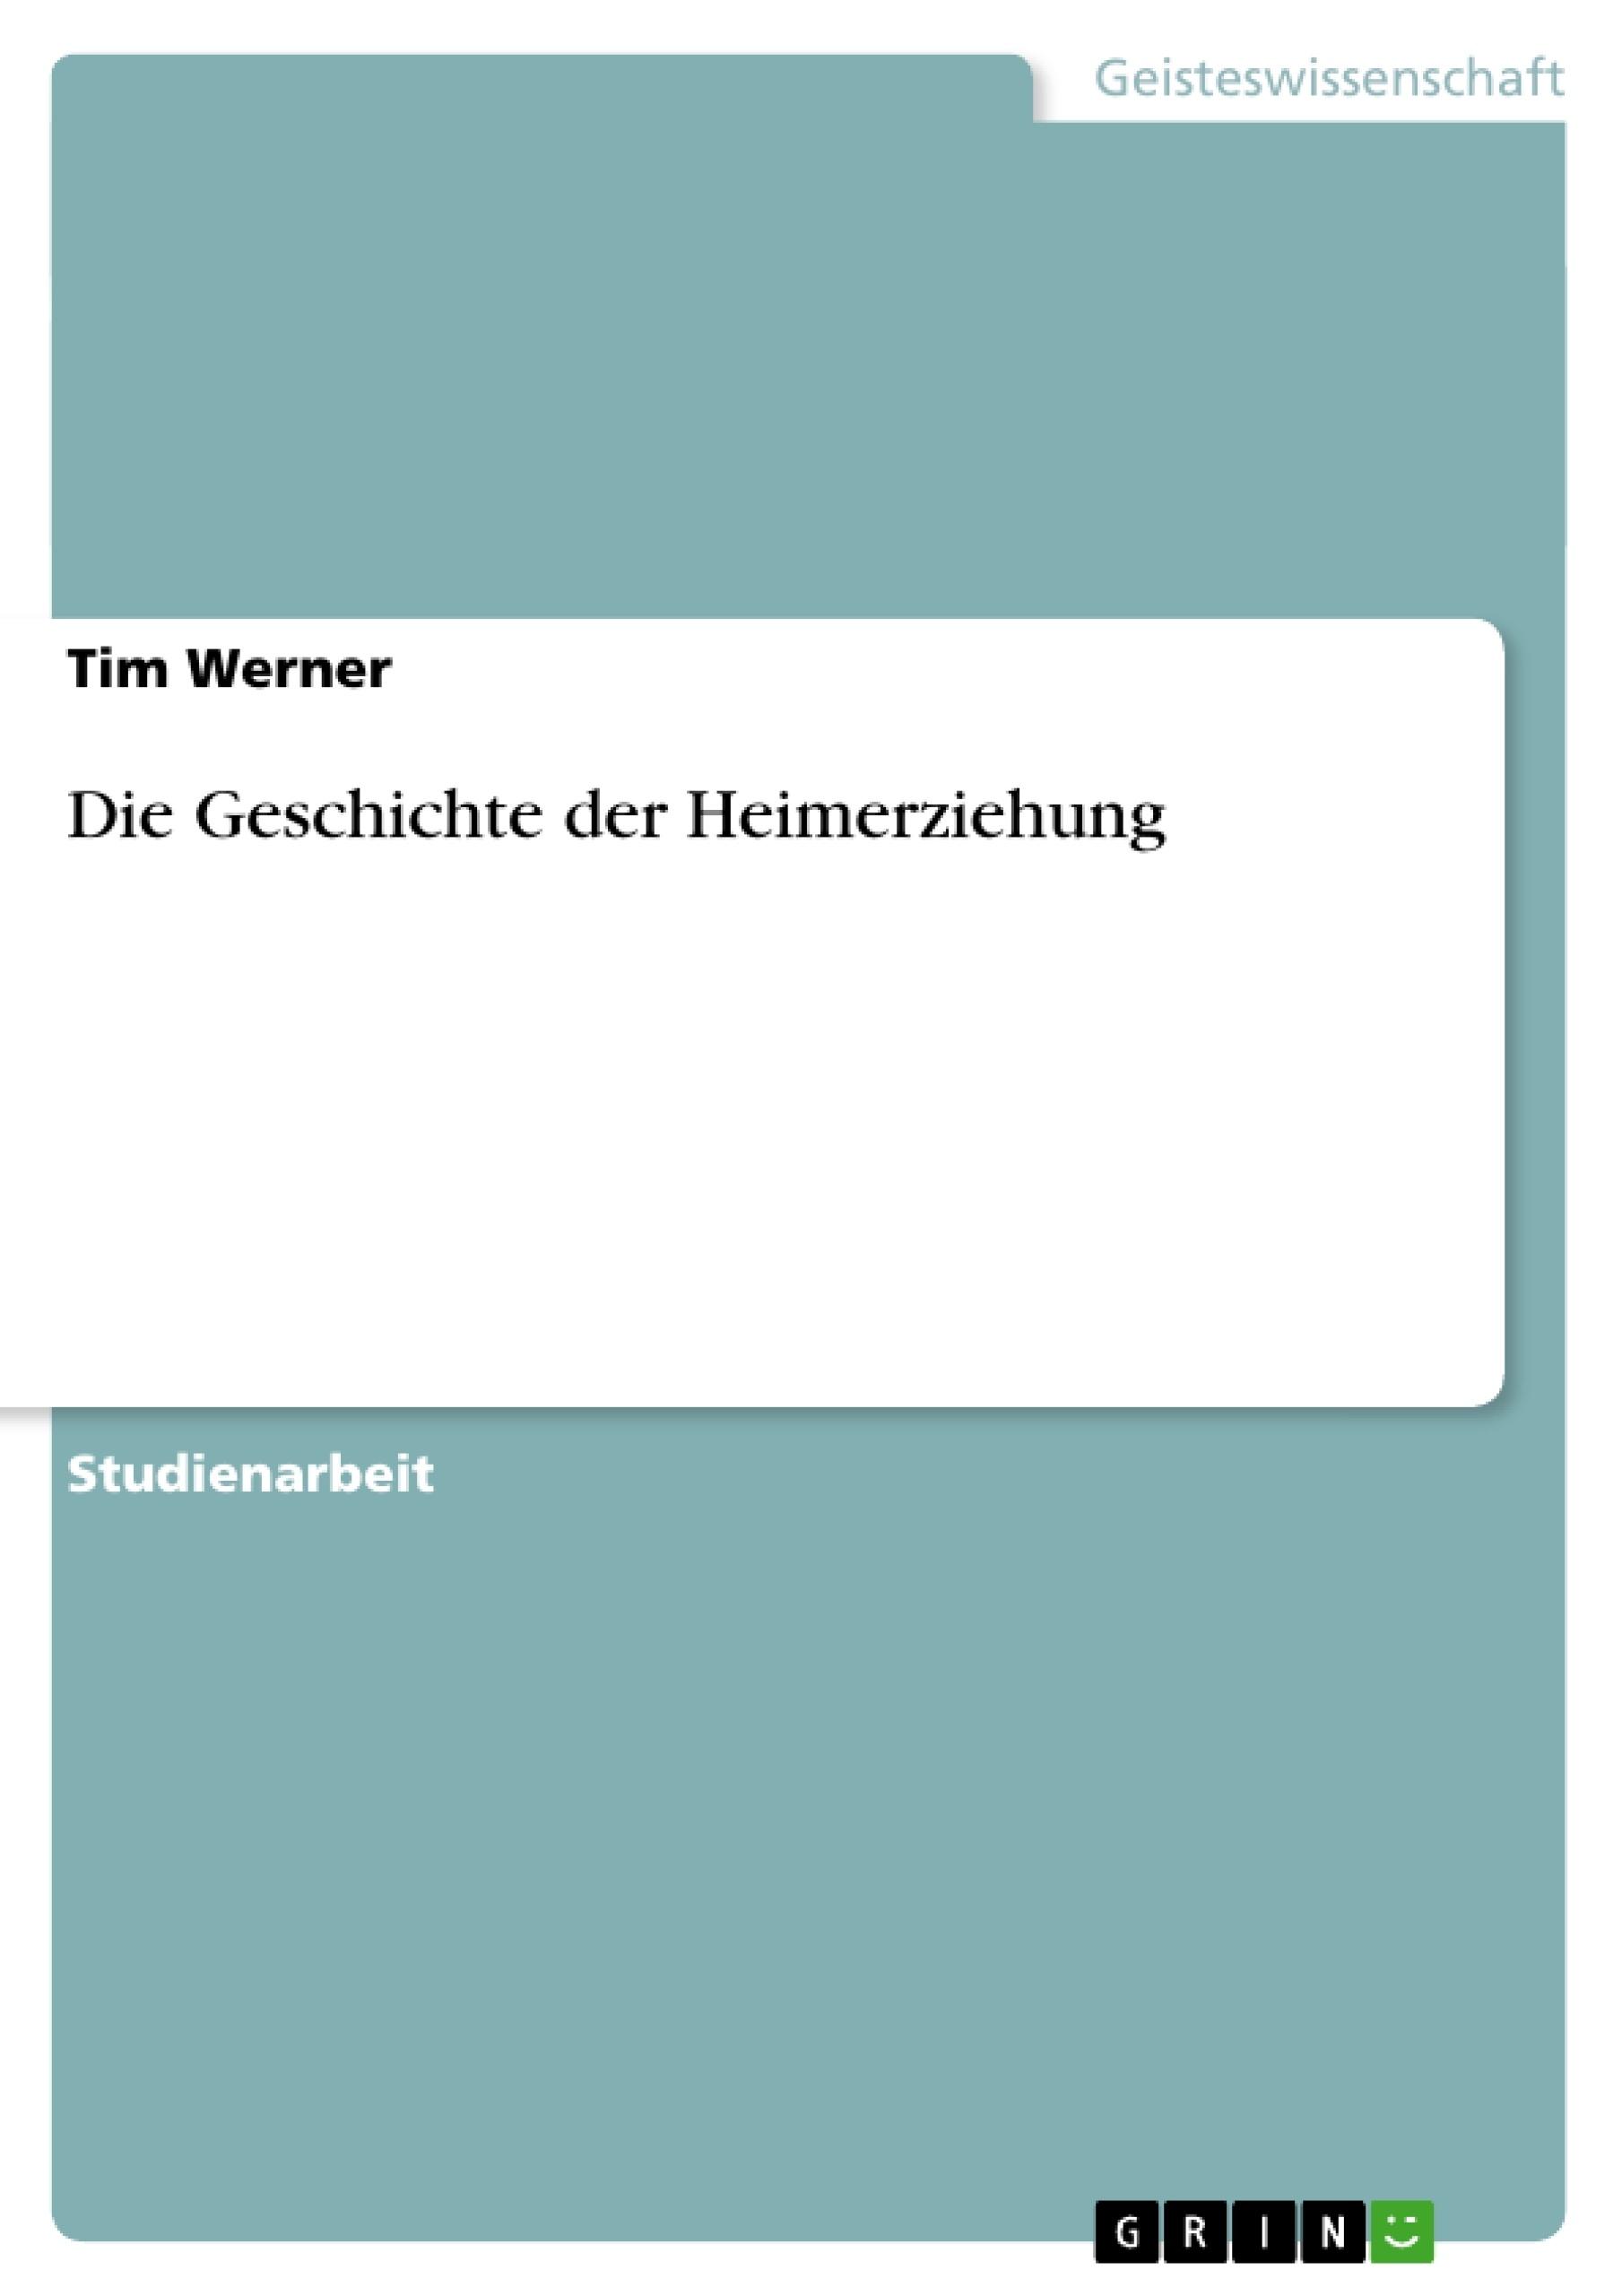 Titel: Die Geschichte der Heimerziehung